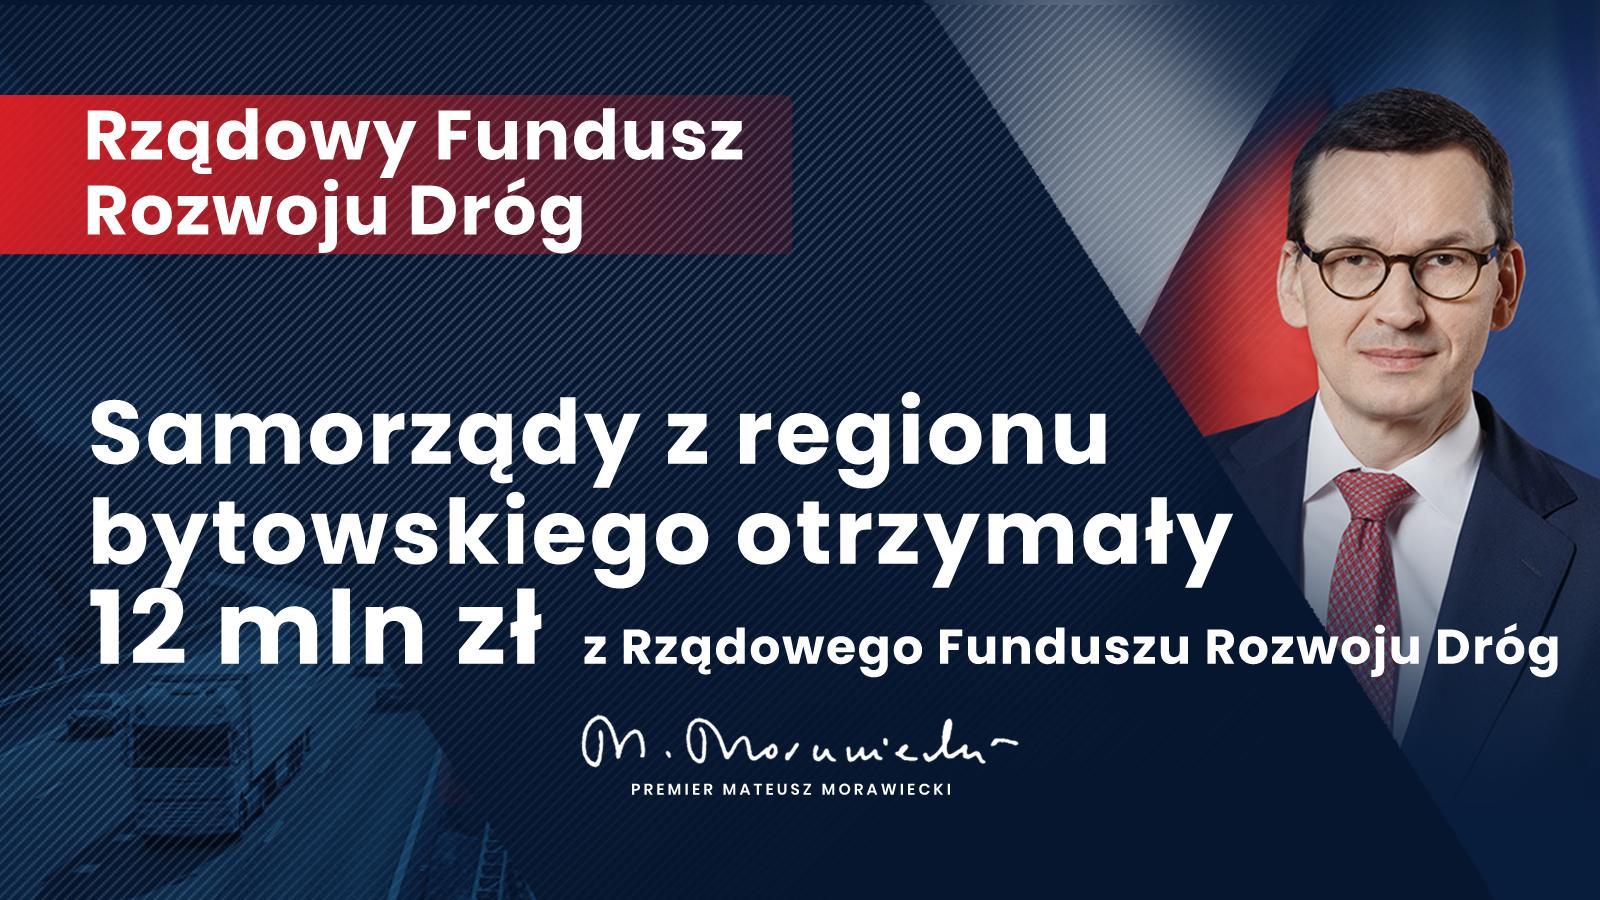 Rządowy Fundusz Rozwoju Dróg dla regionu słupskiego – 12 mln złotych!